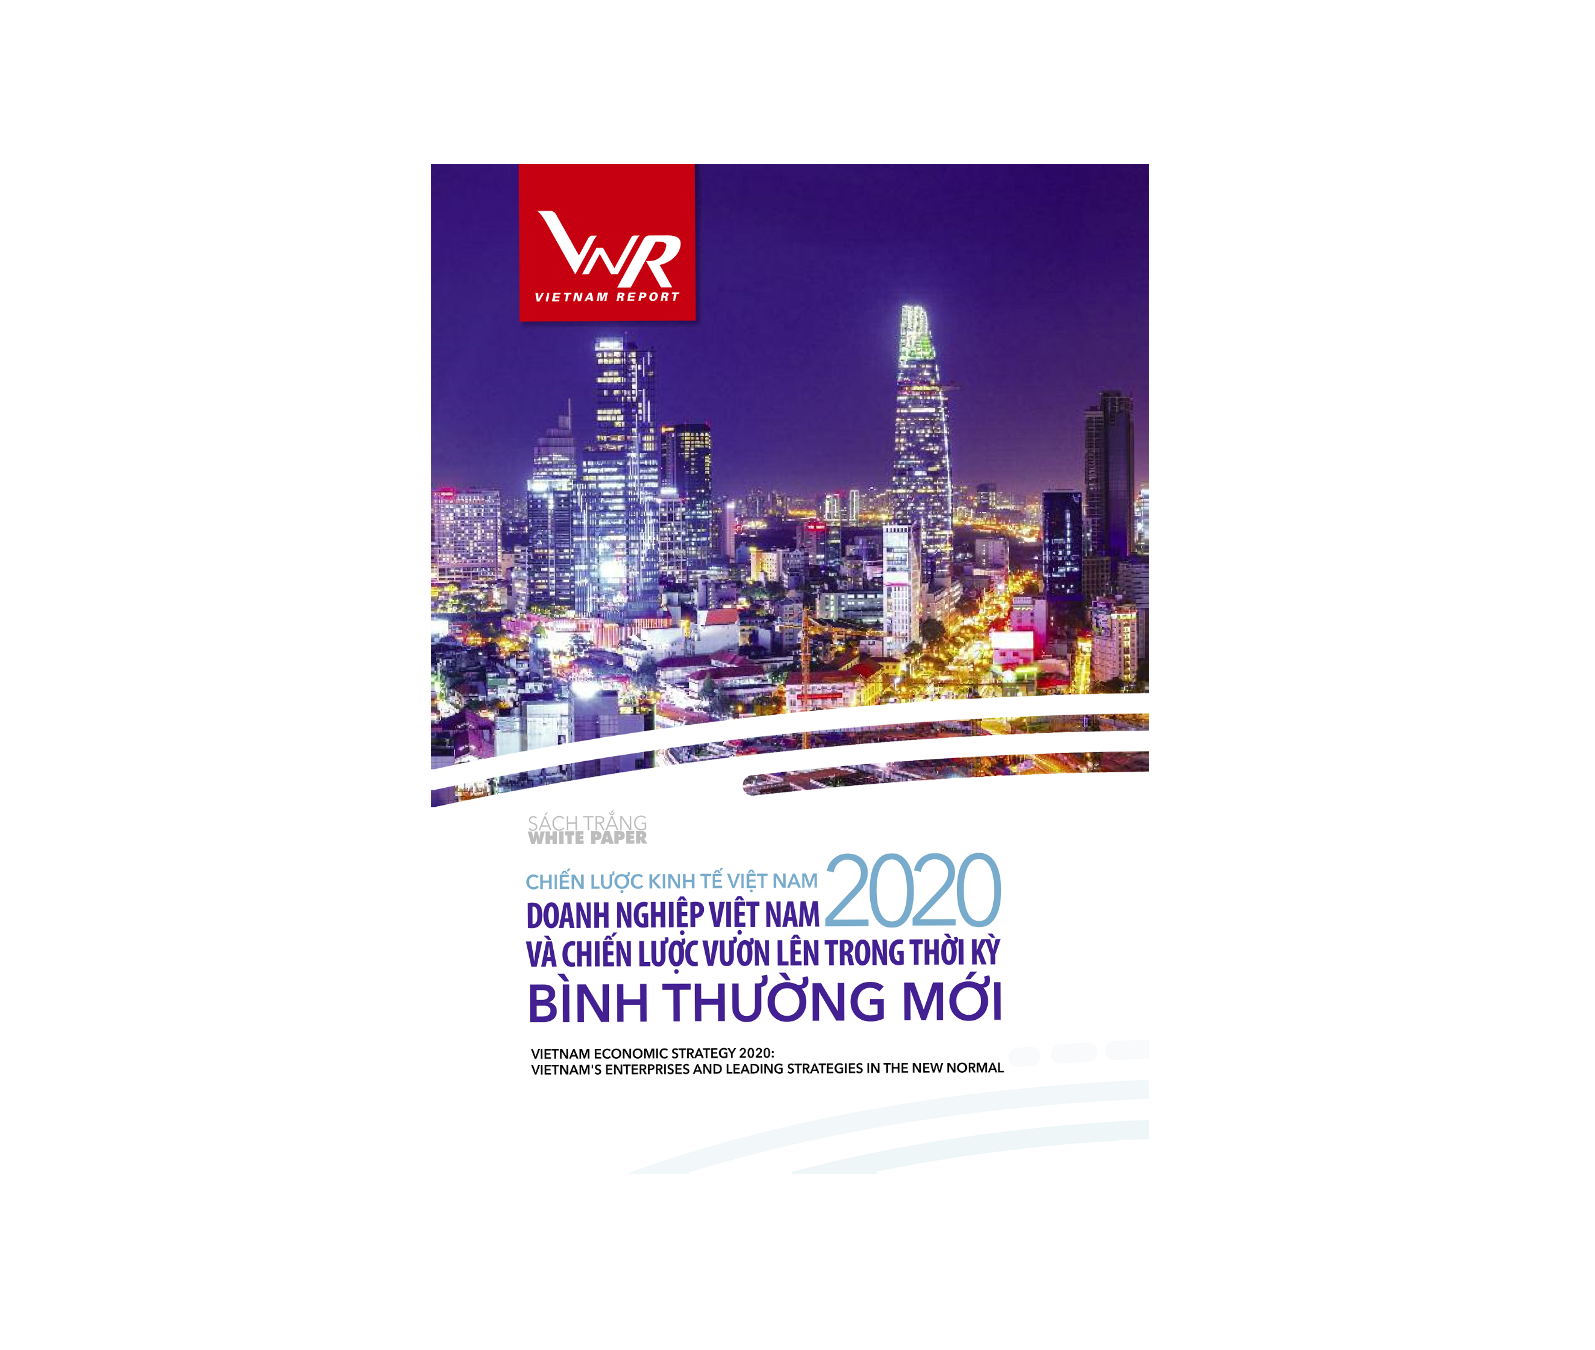 01/10/2020: Báo cáo thường niên White Paper: Chiến lược Kinh tế Việt Nam 2020: Doanh nghiệp Việt Nam và chiến lược vươn lên trong thời kỳ bình thường mới